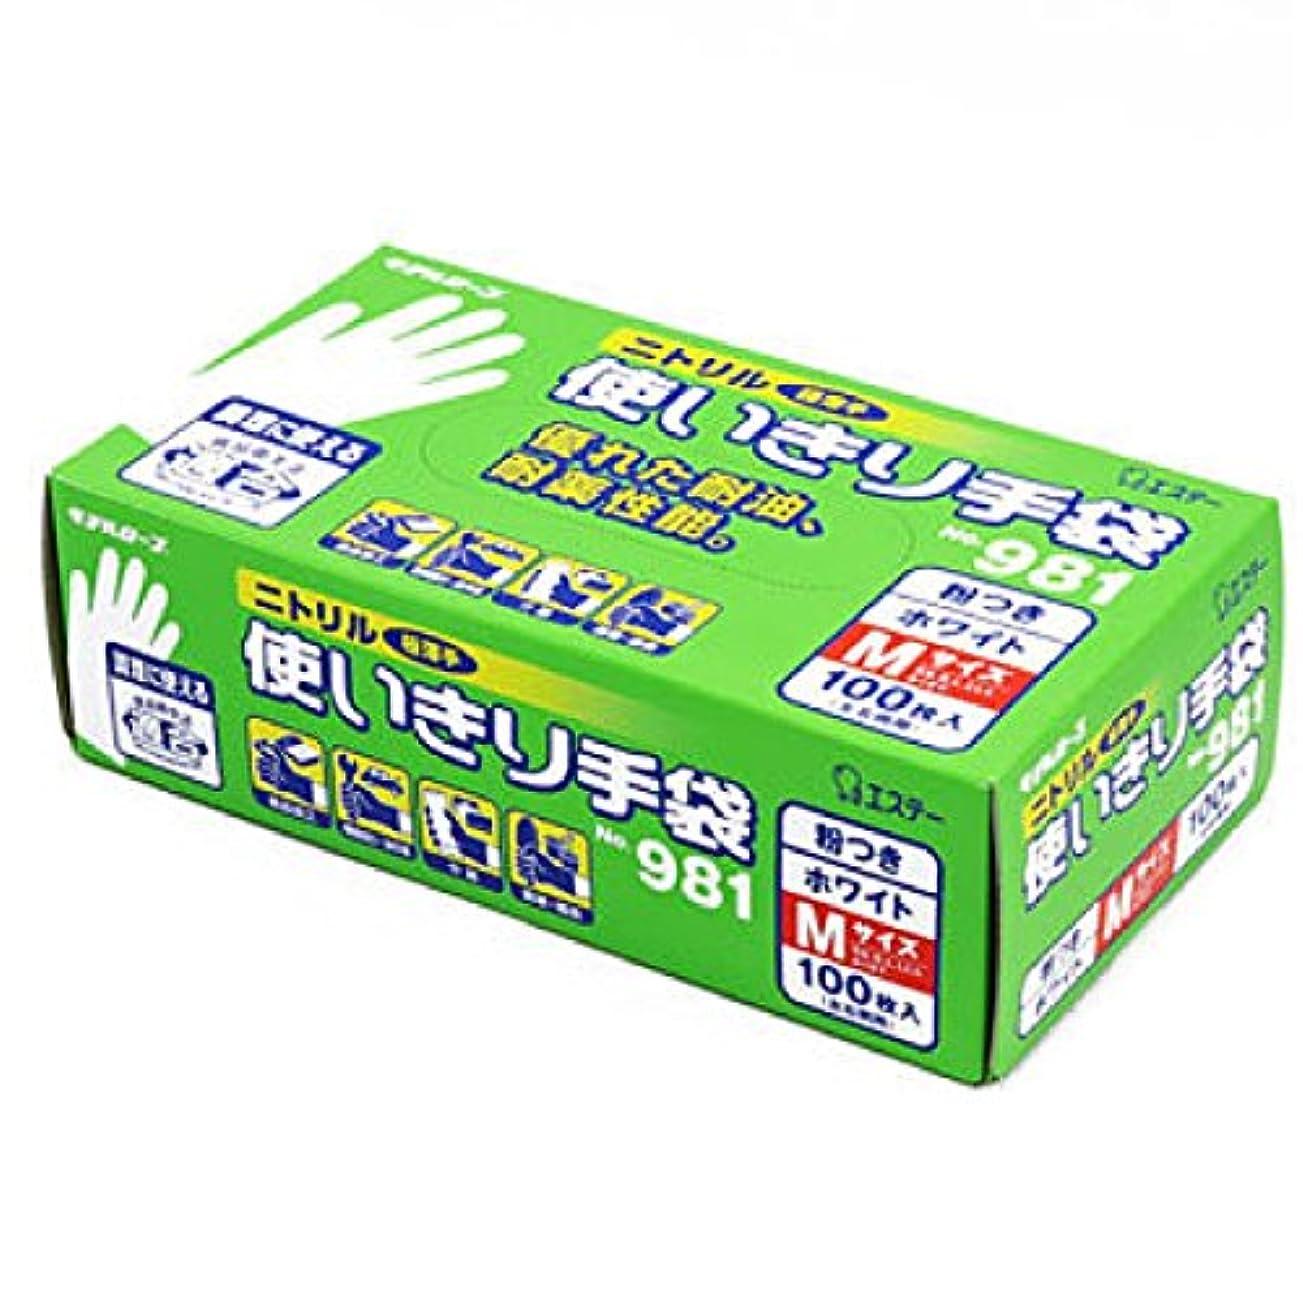 戻すサスティーンネコエステー/ニトリル使いきり手袋 箱入 (粉つき) [100枚入]/品番:981 サイズ:L カラー:ホワイト